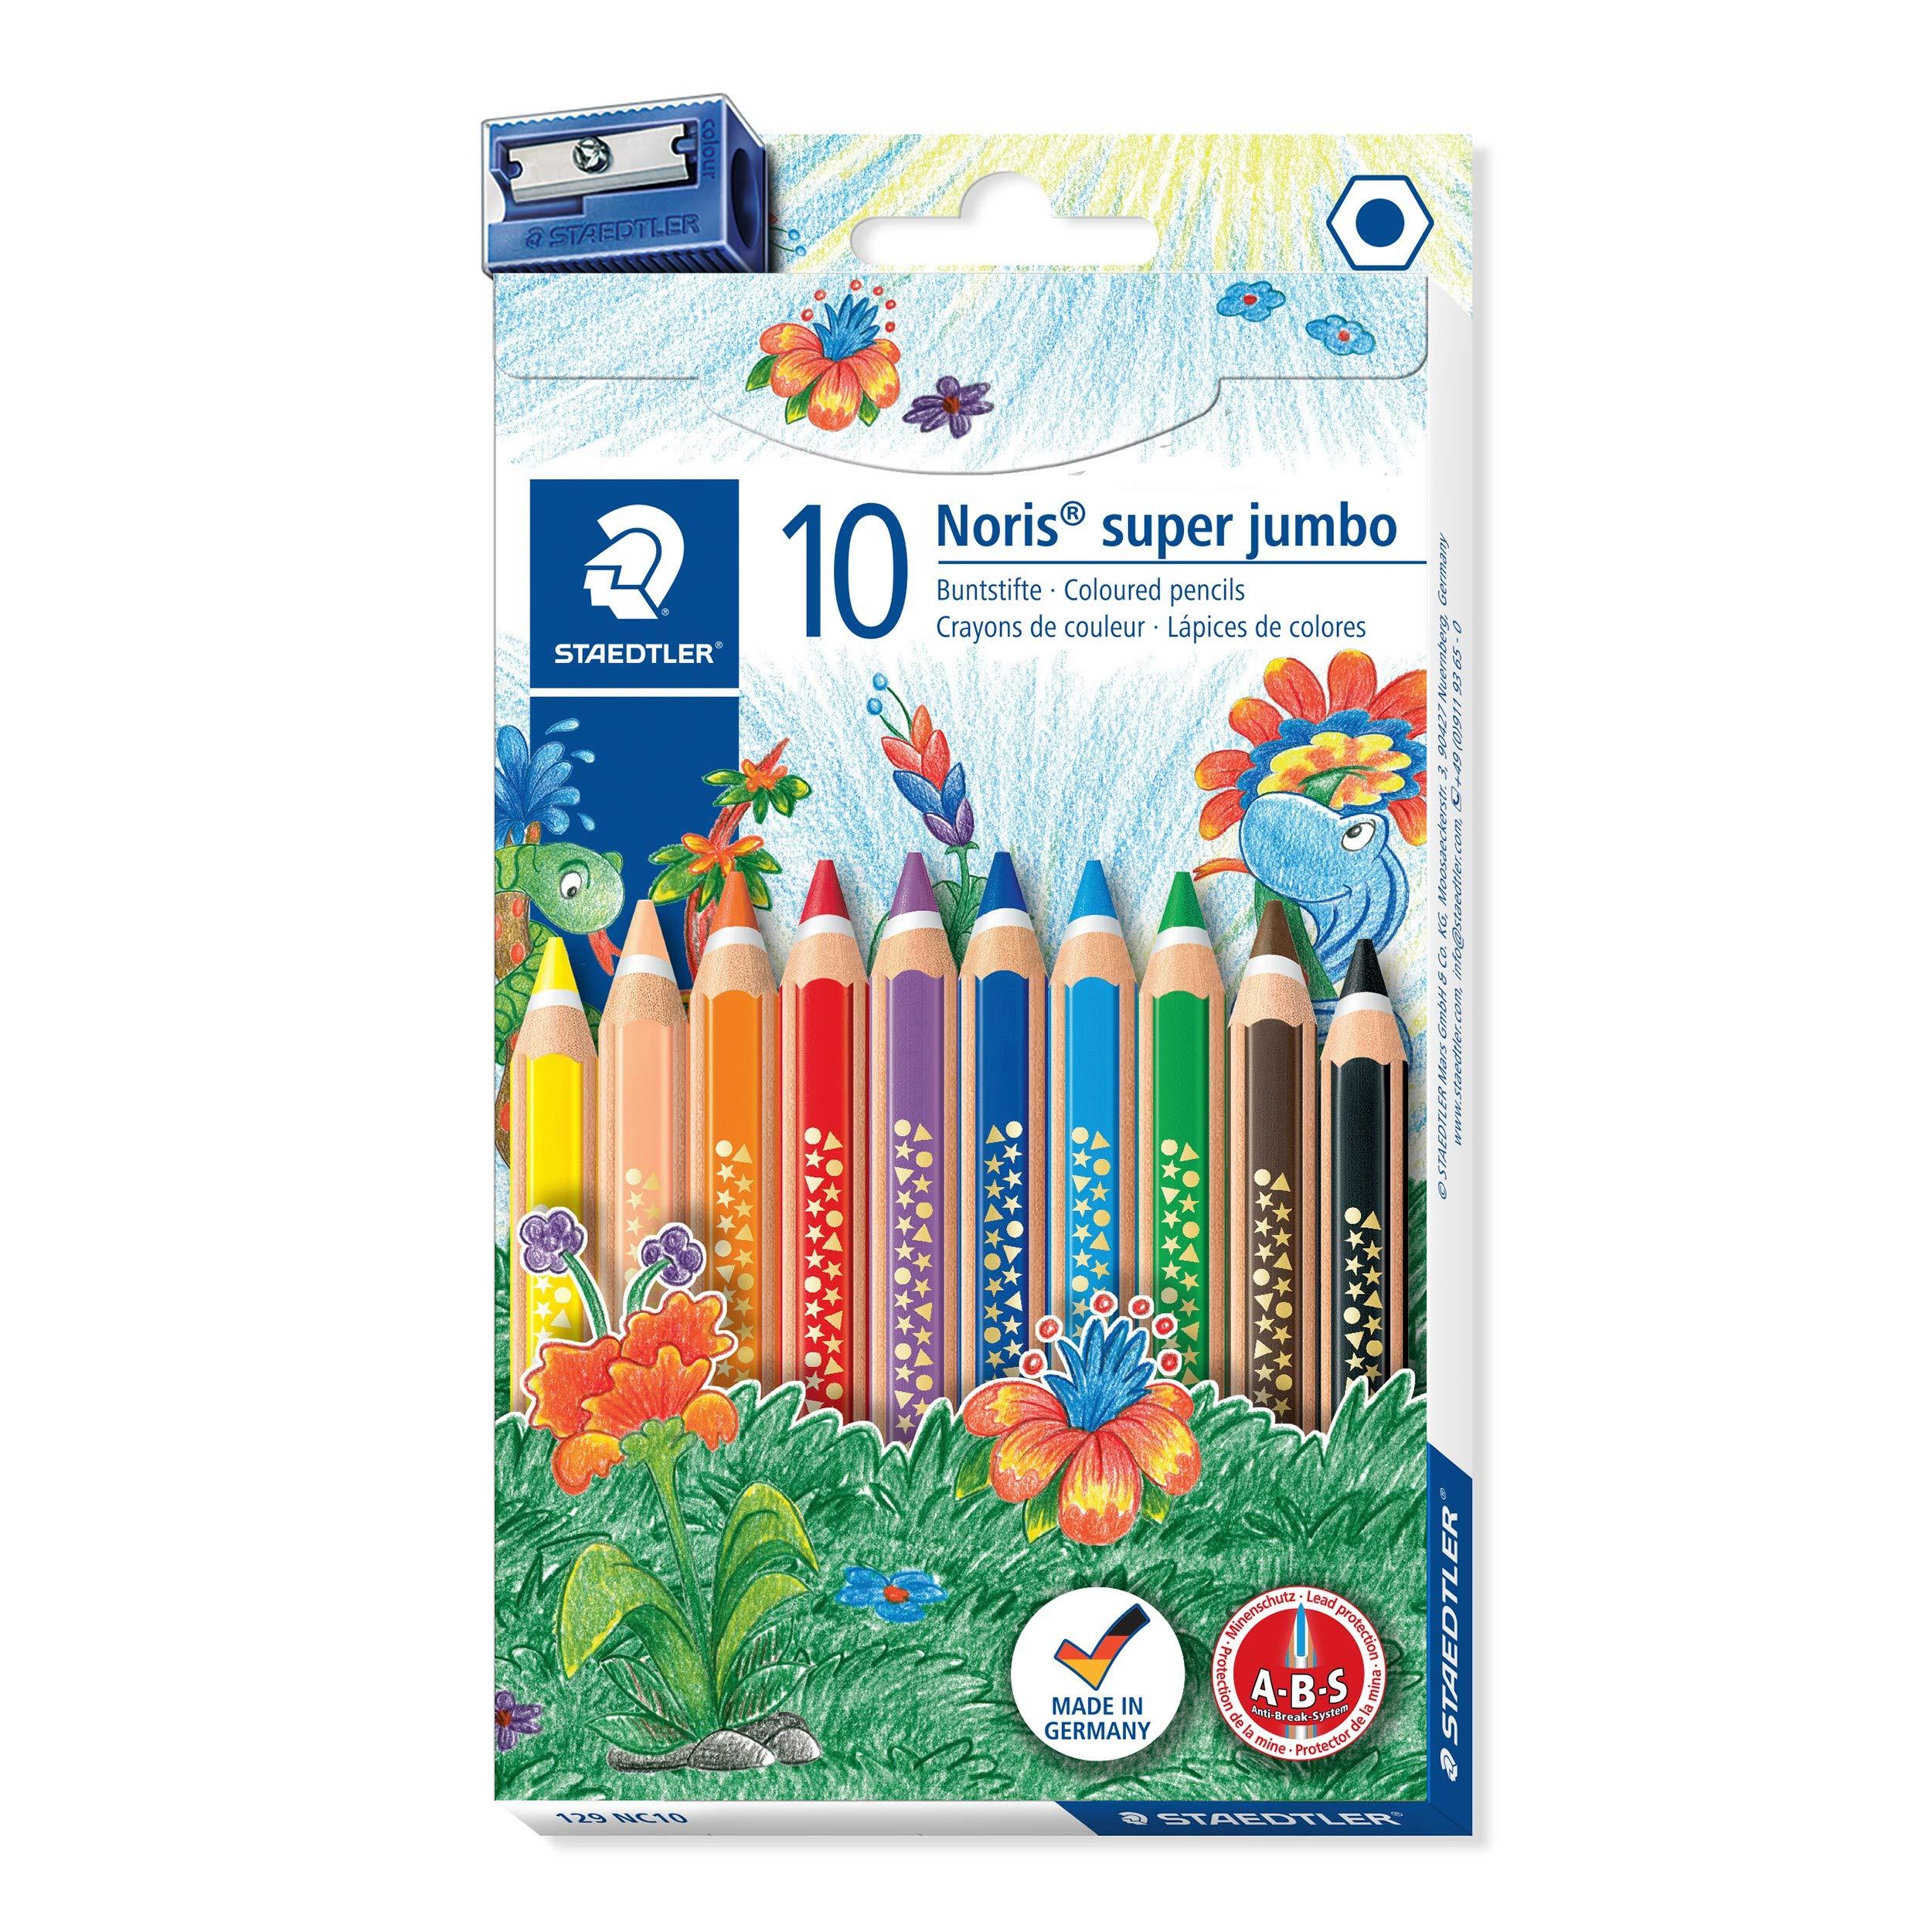 STAEDTLER Noris Club 129 NC10 - Lápices de Colores Super Jumbo, Caja con 10 Unidades y Sacapuntas: Amazon.es: Oficina y papelería